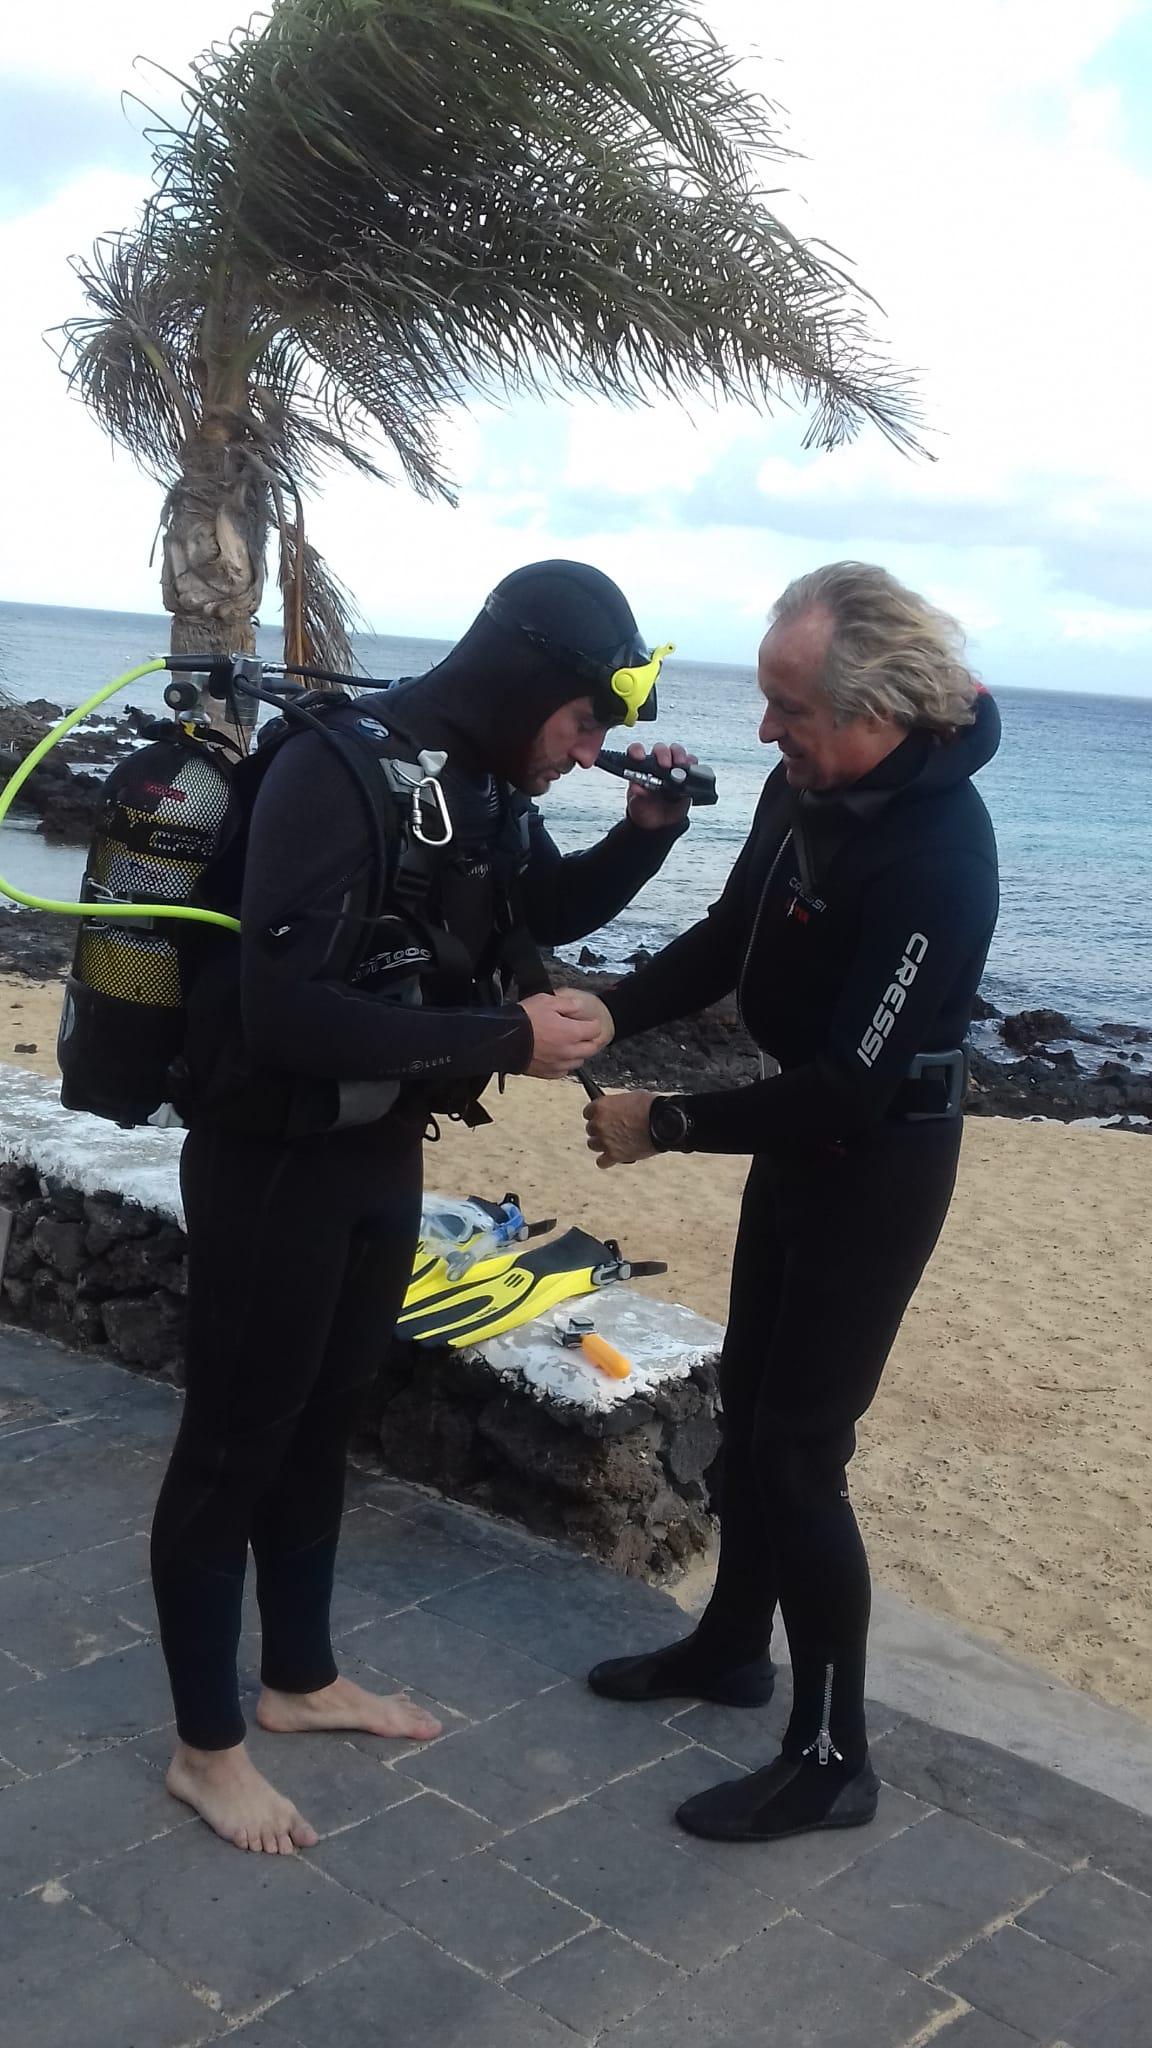 Blay preparando la inmersión